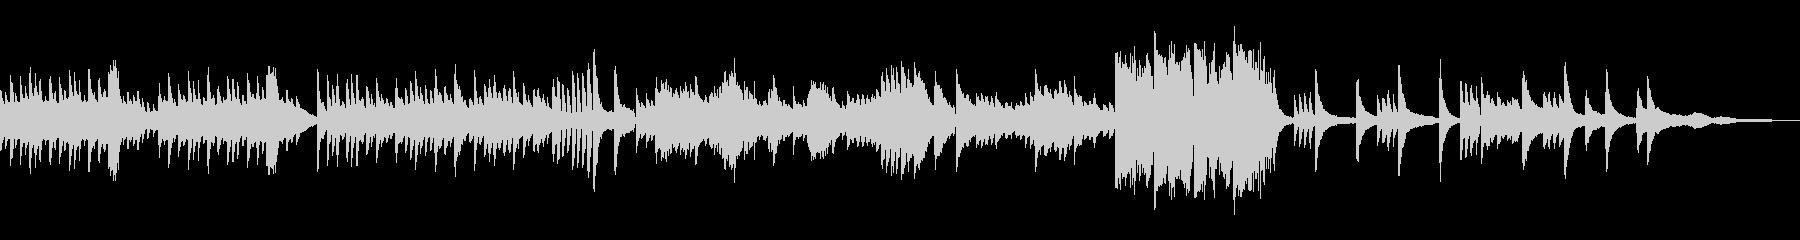 止まる事ない流れをイメージしたピアノソロの未再生の波形